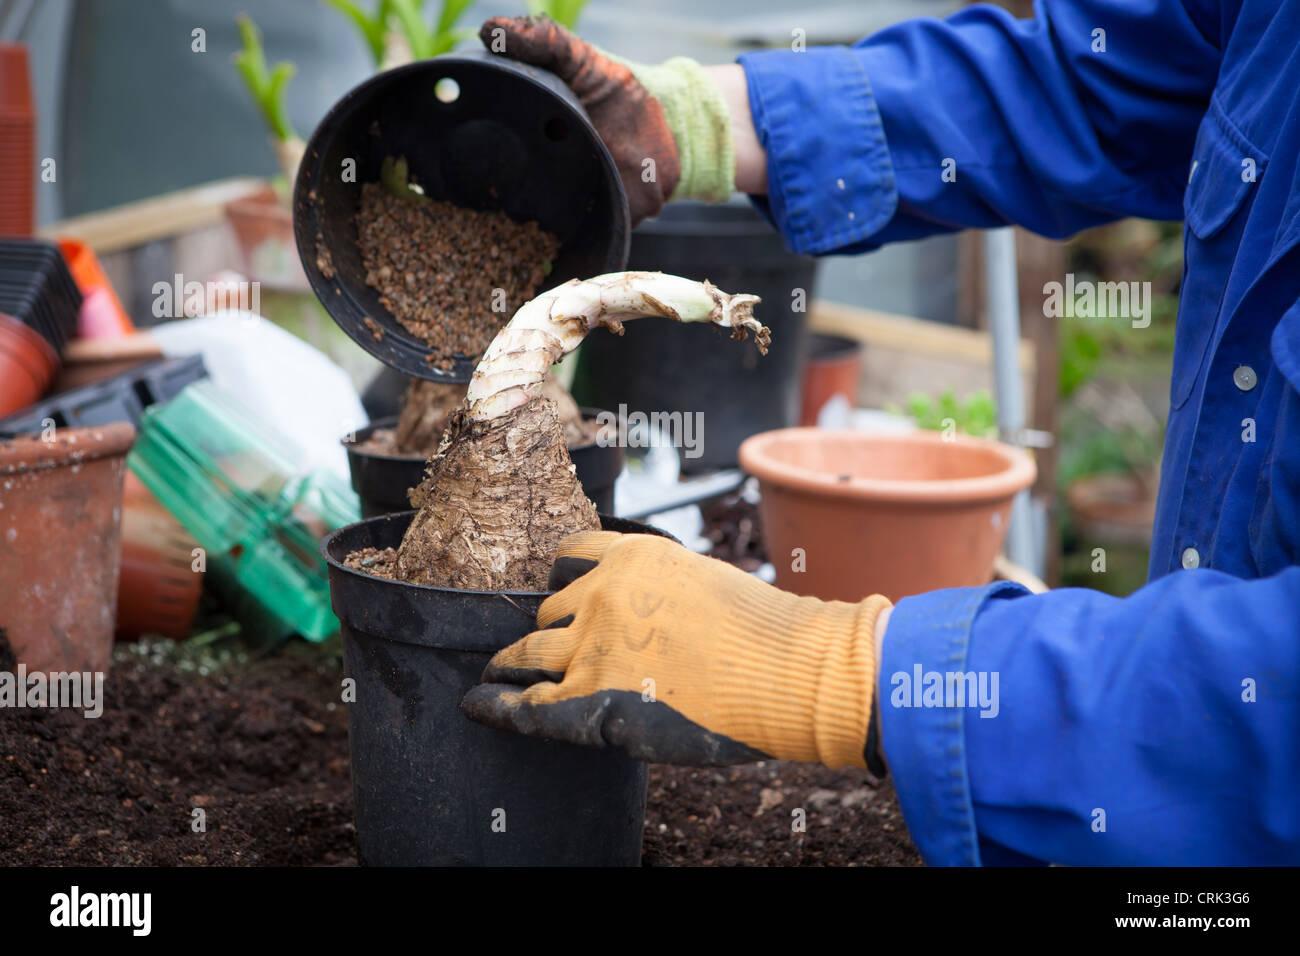 A gardener pouring soil into a pot of CRINUM powellii bulbs Stock Photo